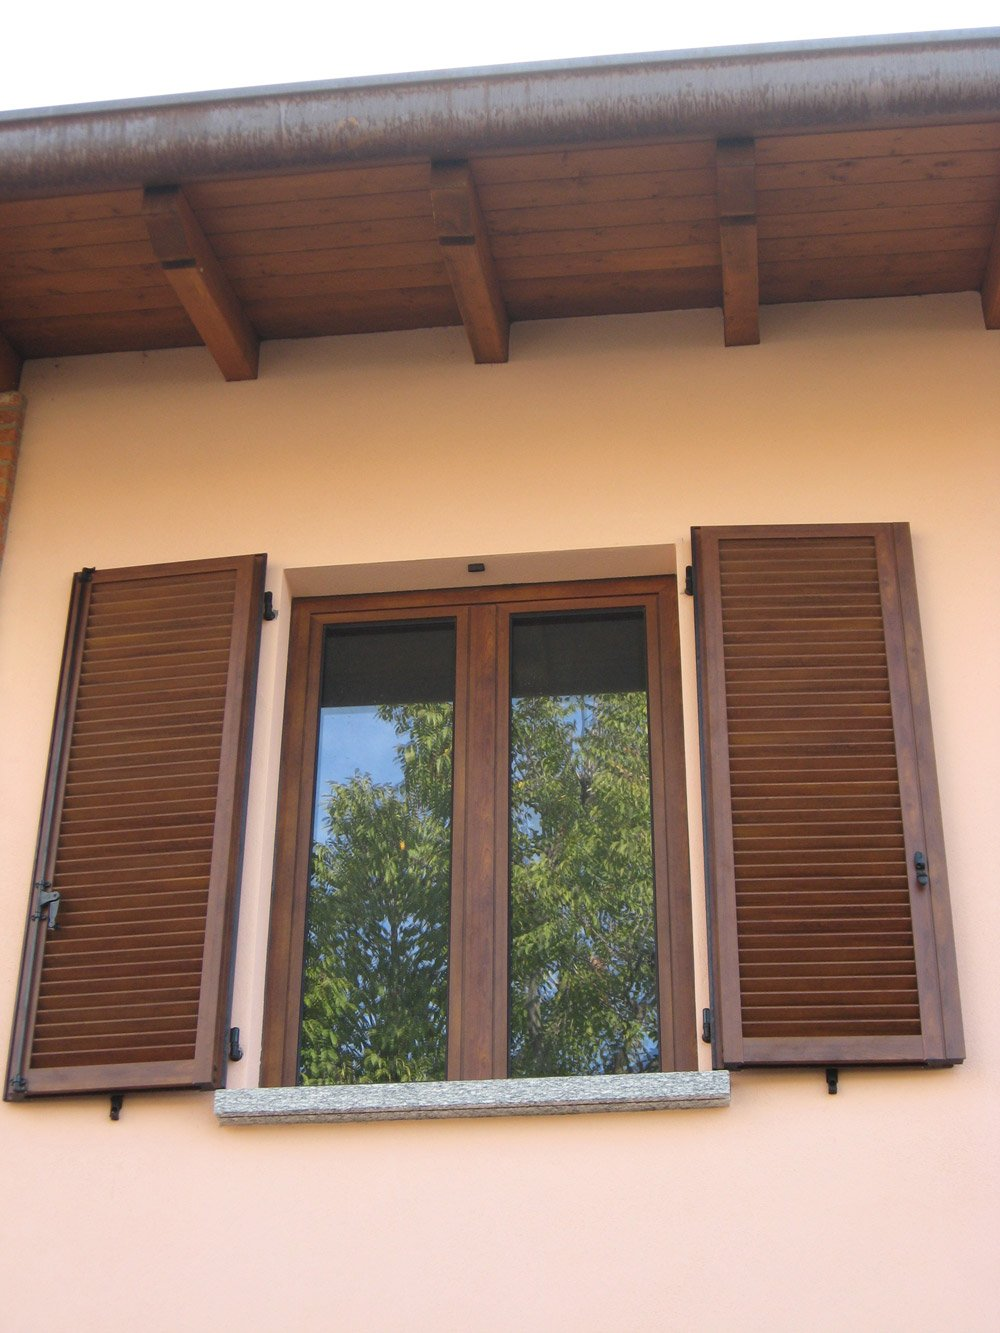 finestra con persiane in legno aperte